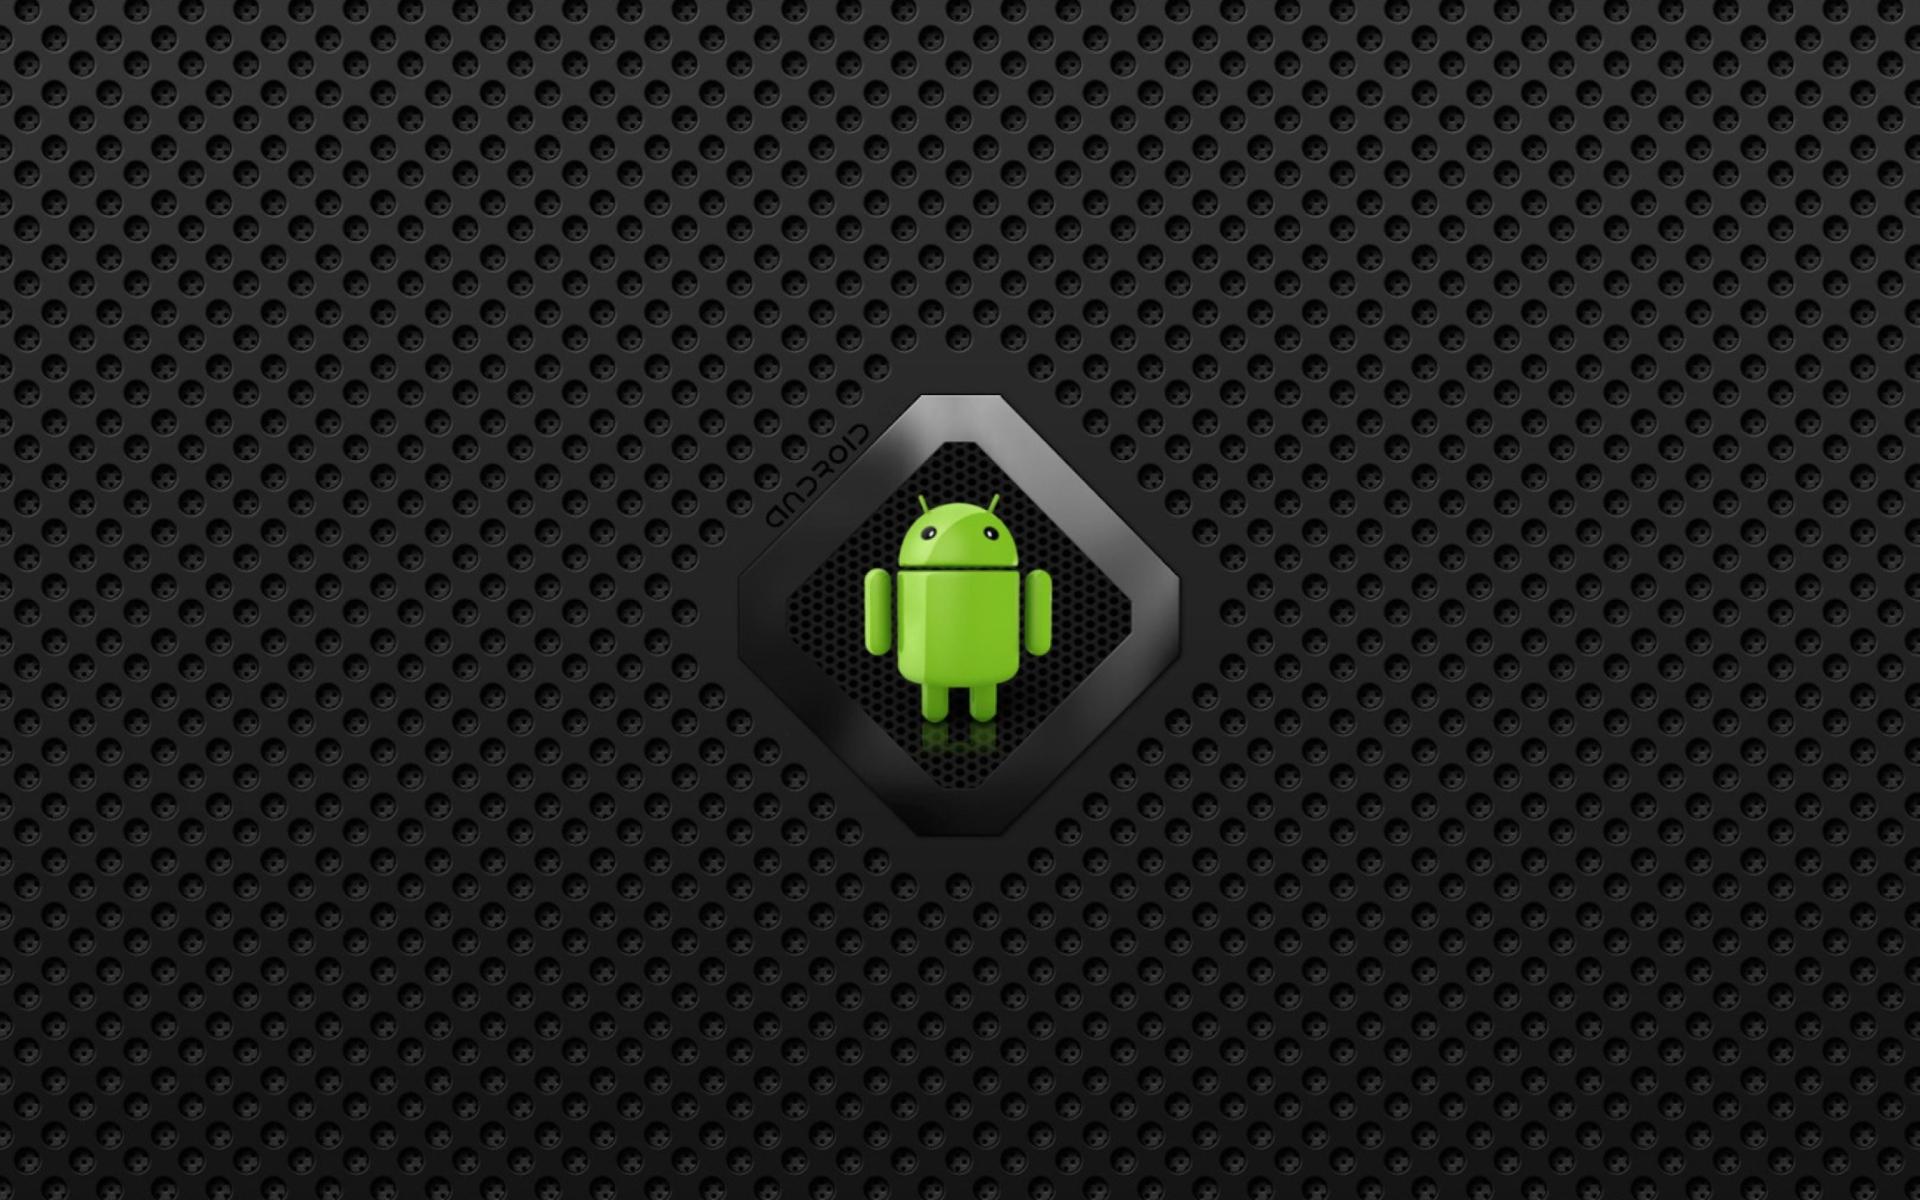 Fondo De Pantalla Para Celulares Android: Fondos De Pantalla Gratis Para Widescreen